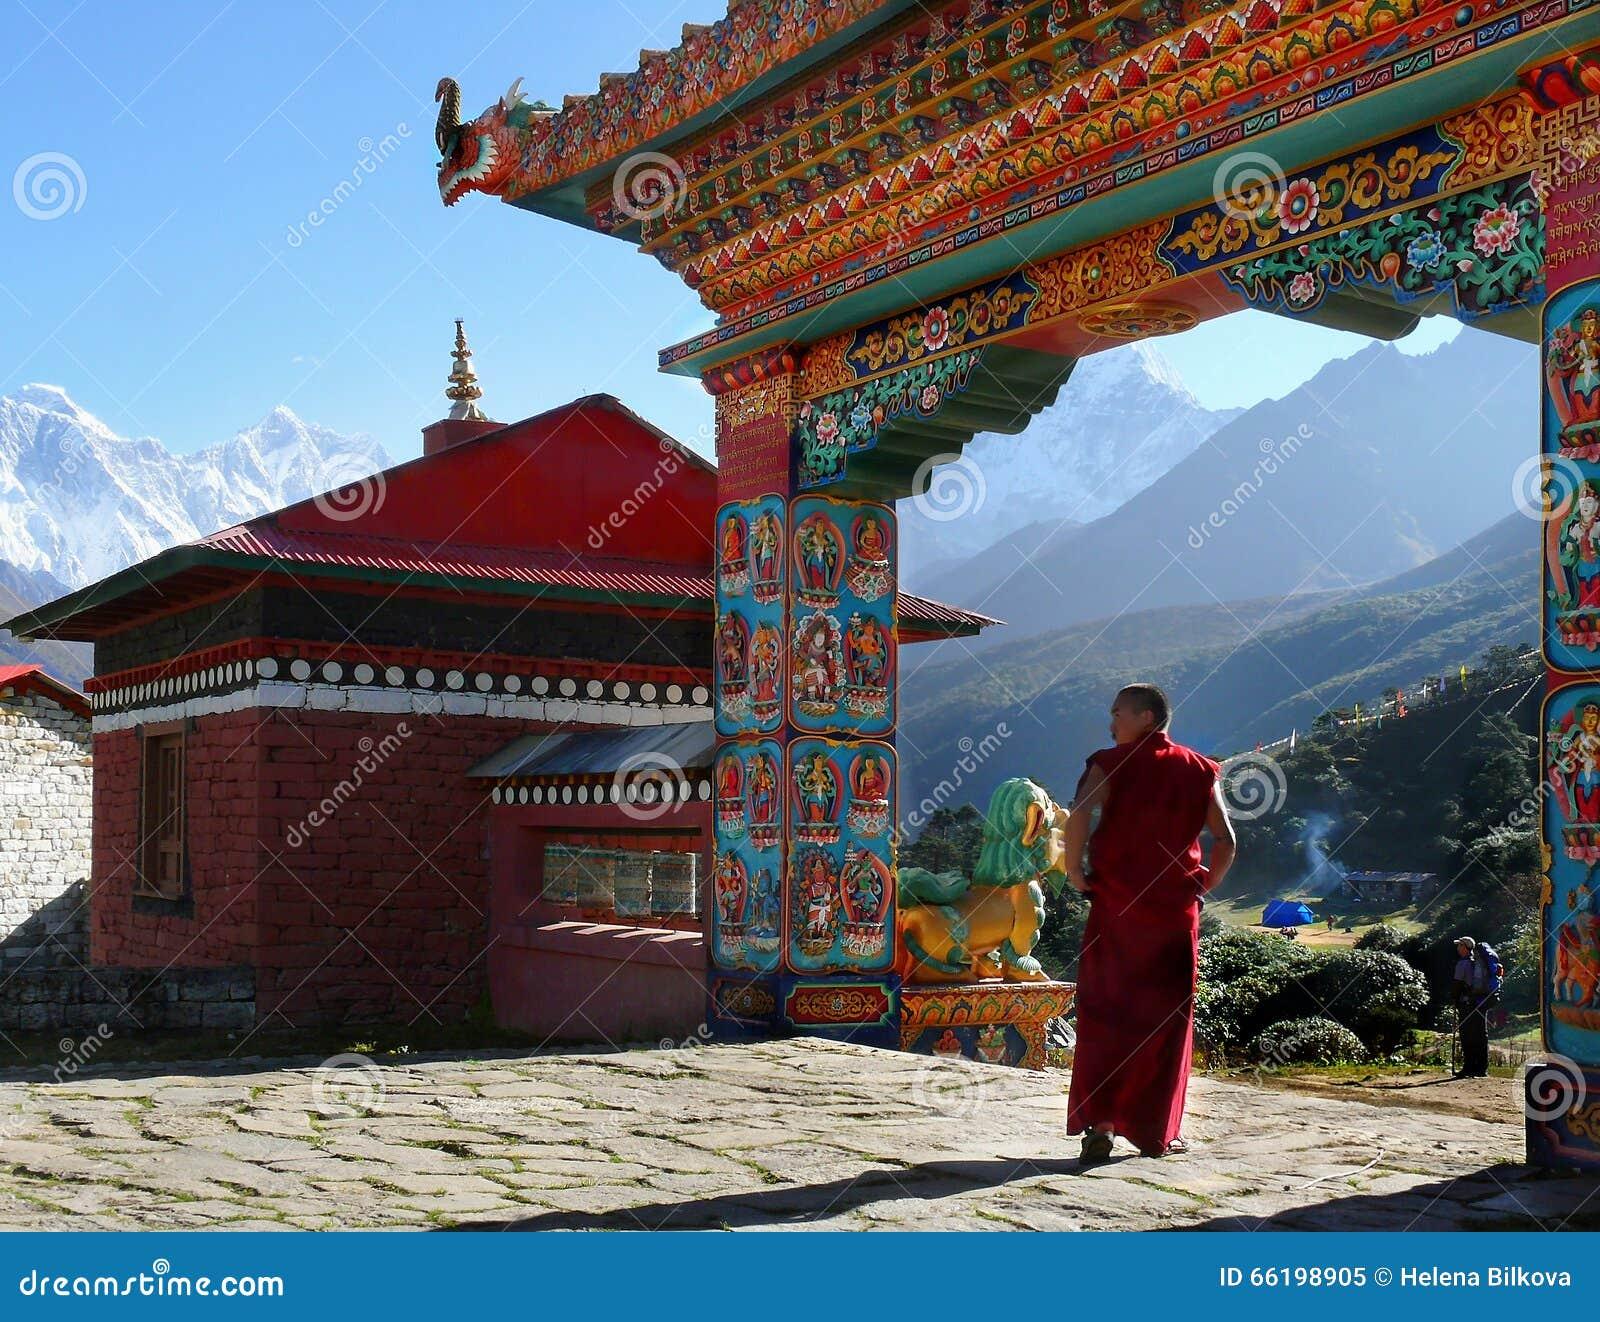 Buddhist Monk Monastery Himalayas